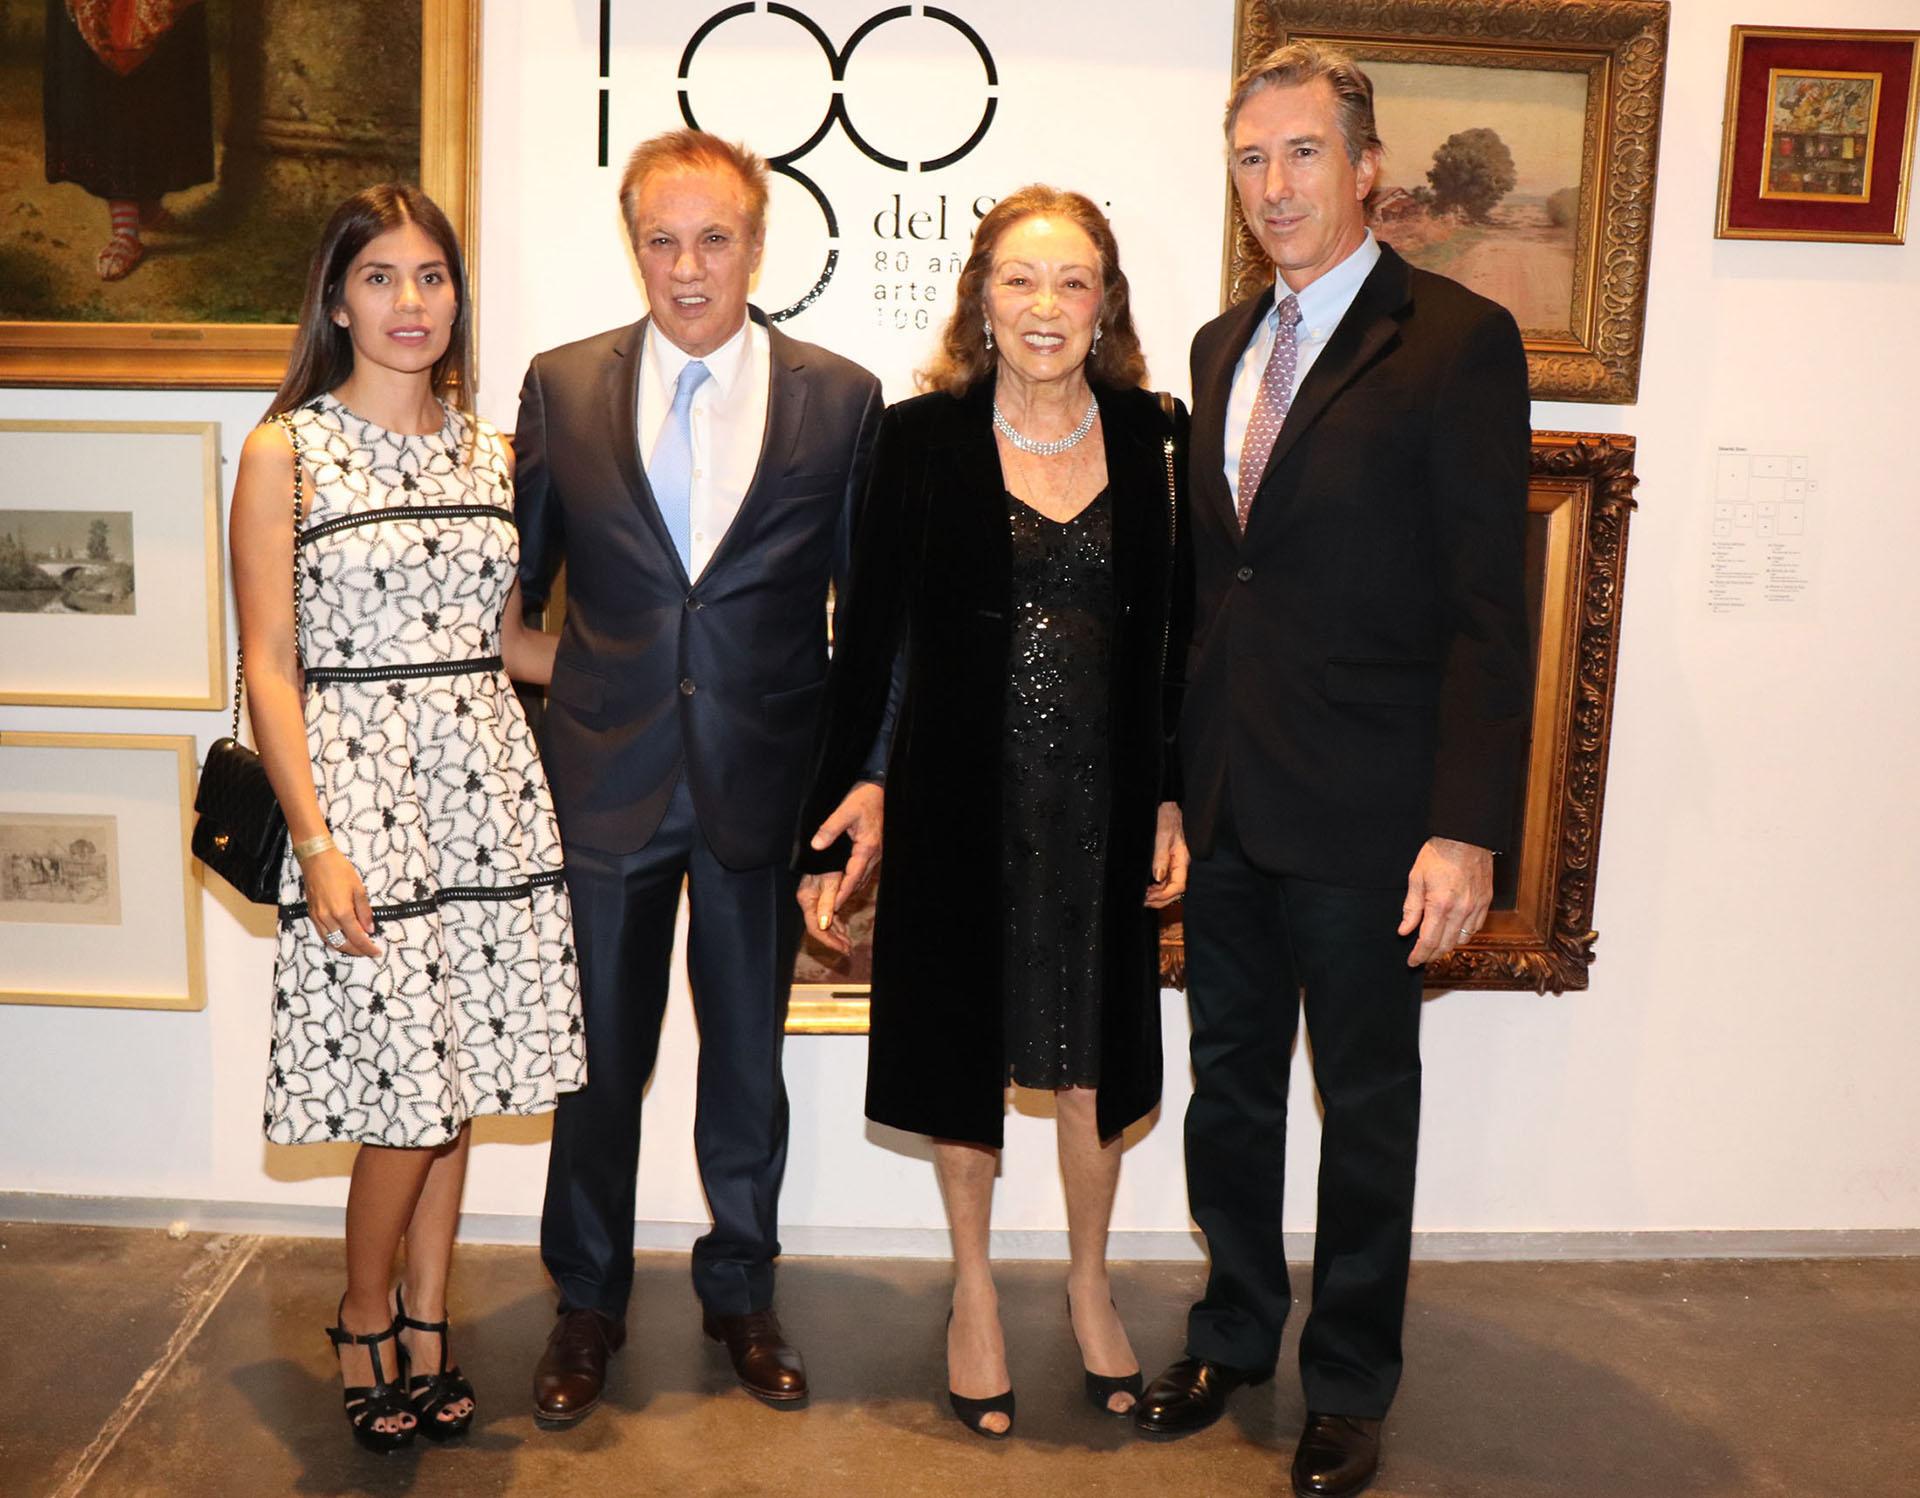 Gina Vargas de Roemmers, Alberto Roemmers, Hebe Colman de Roemmers, y Pablo Roemmers